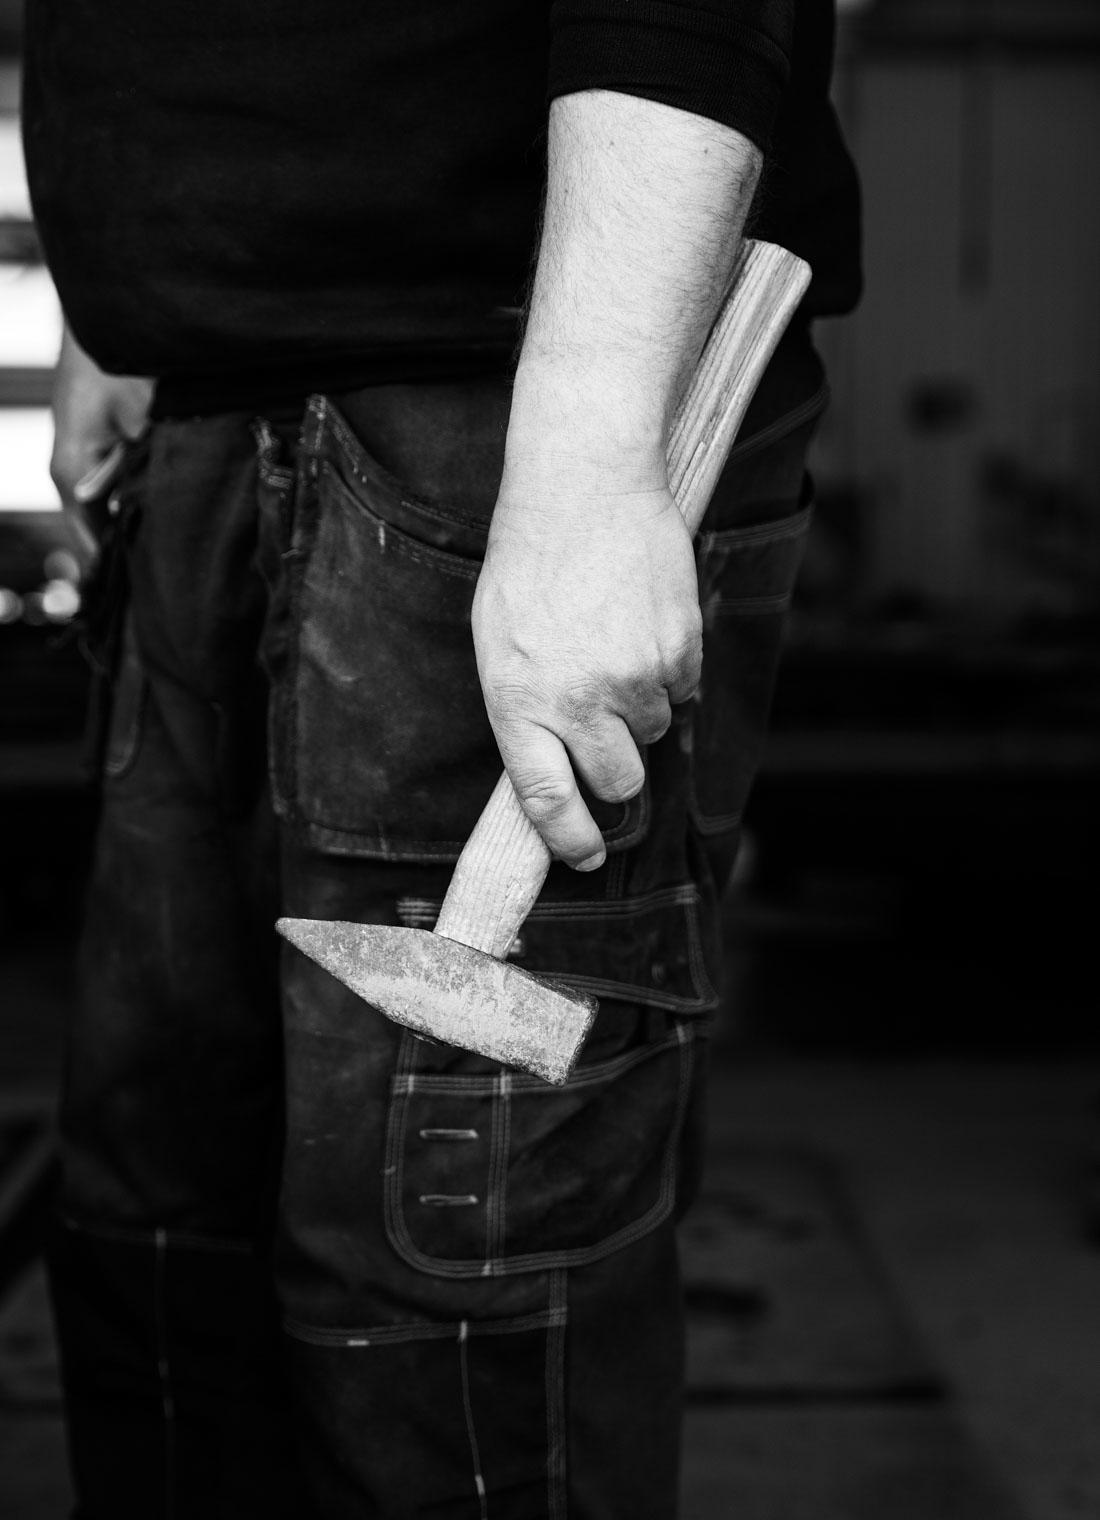 En steinhogger som holder en hammer i hånden